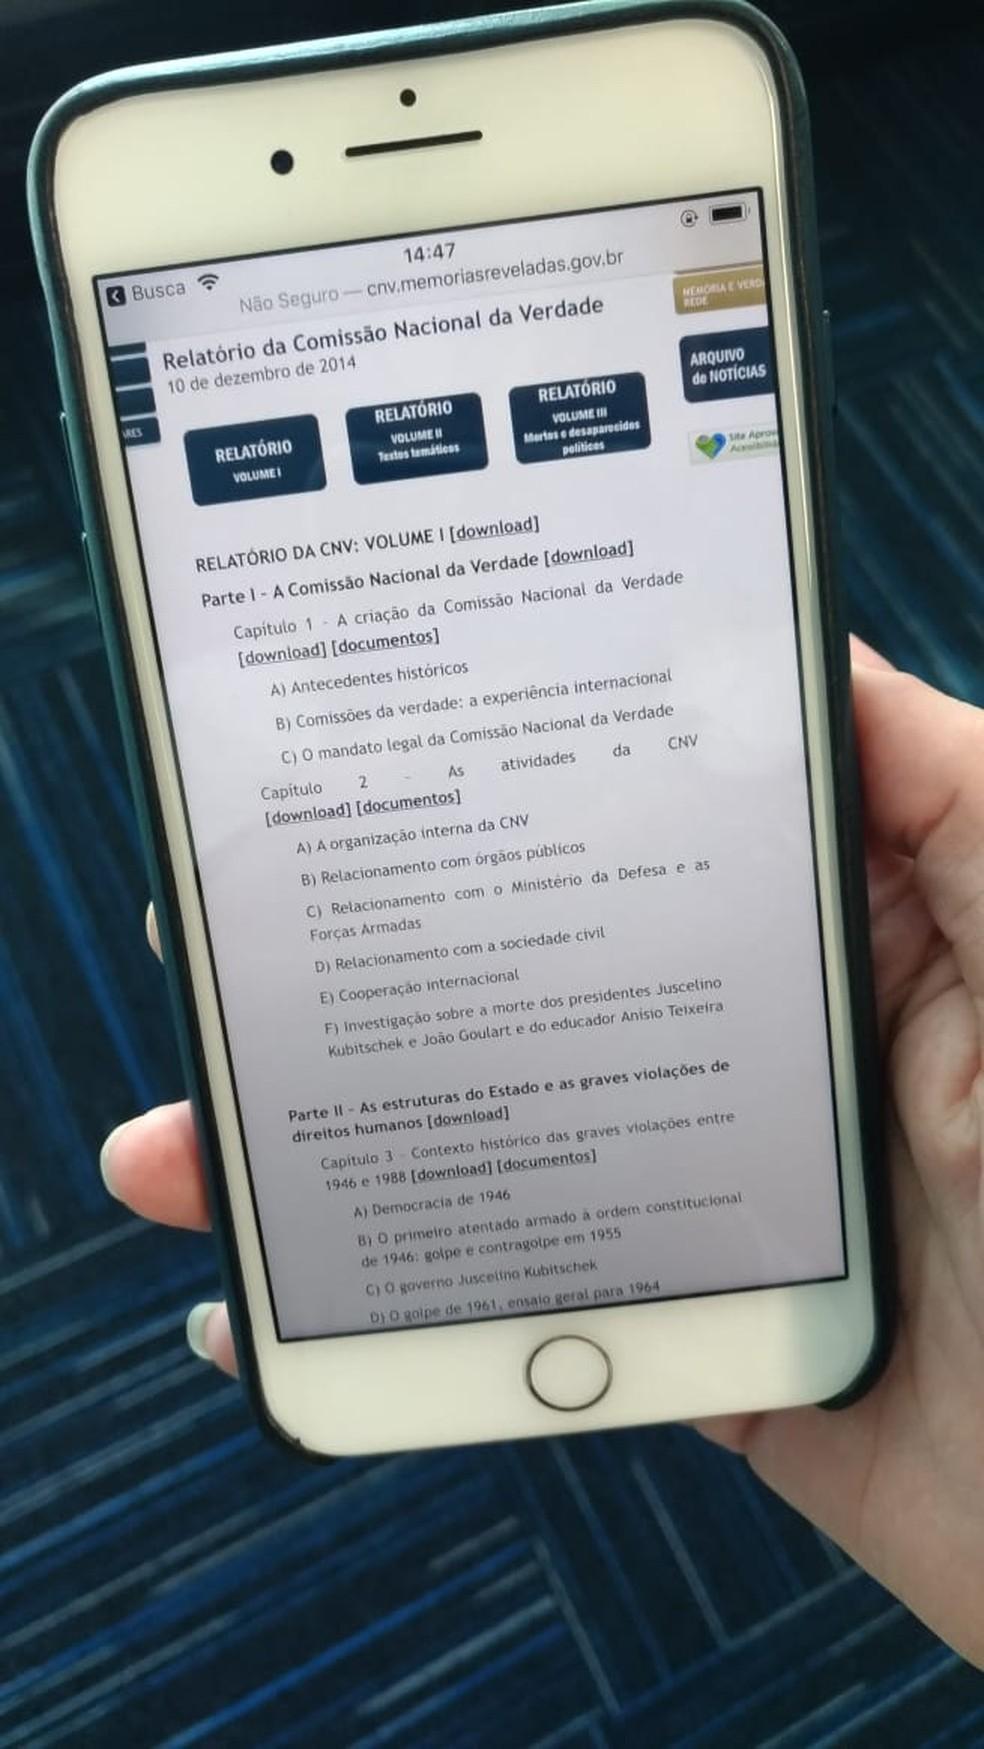 من الممكن أيضًا تنزيل المستندات والتقرير على الهاتف إما كليًا أو جزئيًا. الصورة: لويز رودريغز / تيكتو